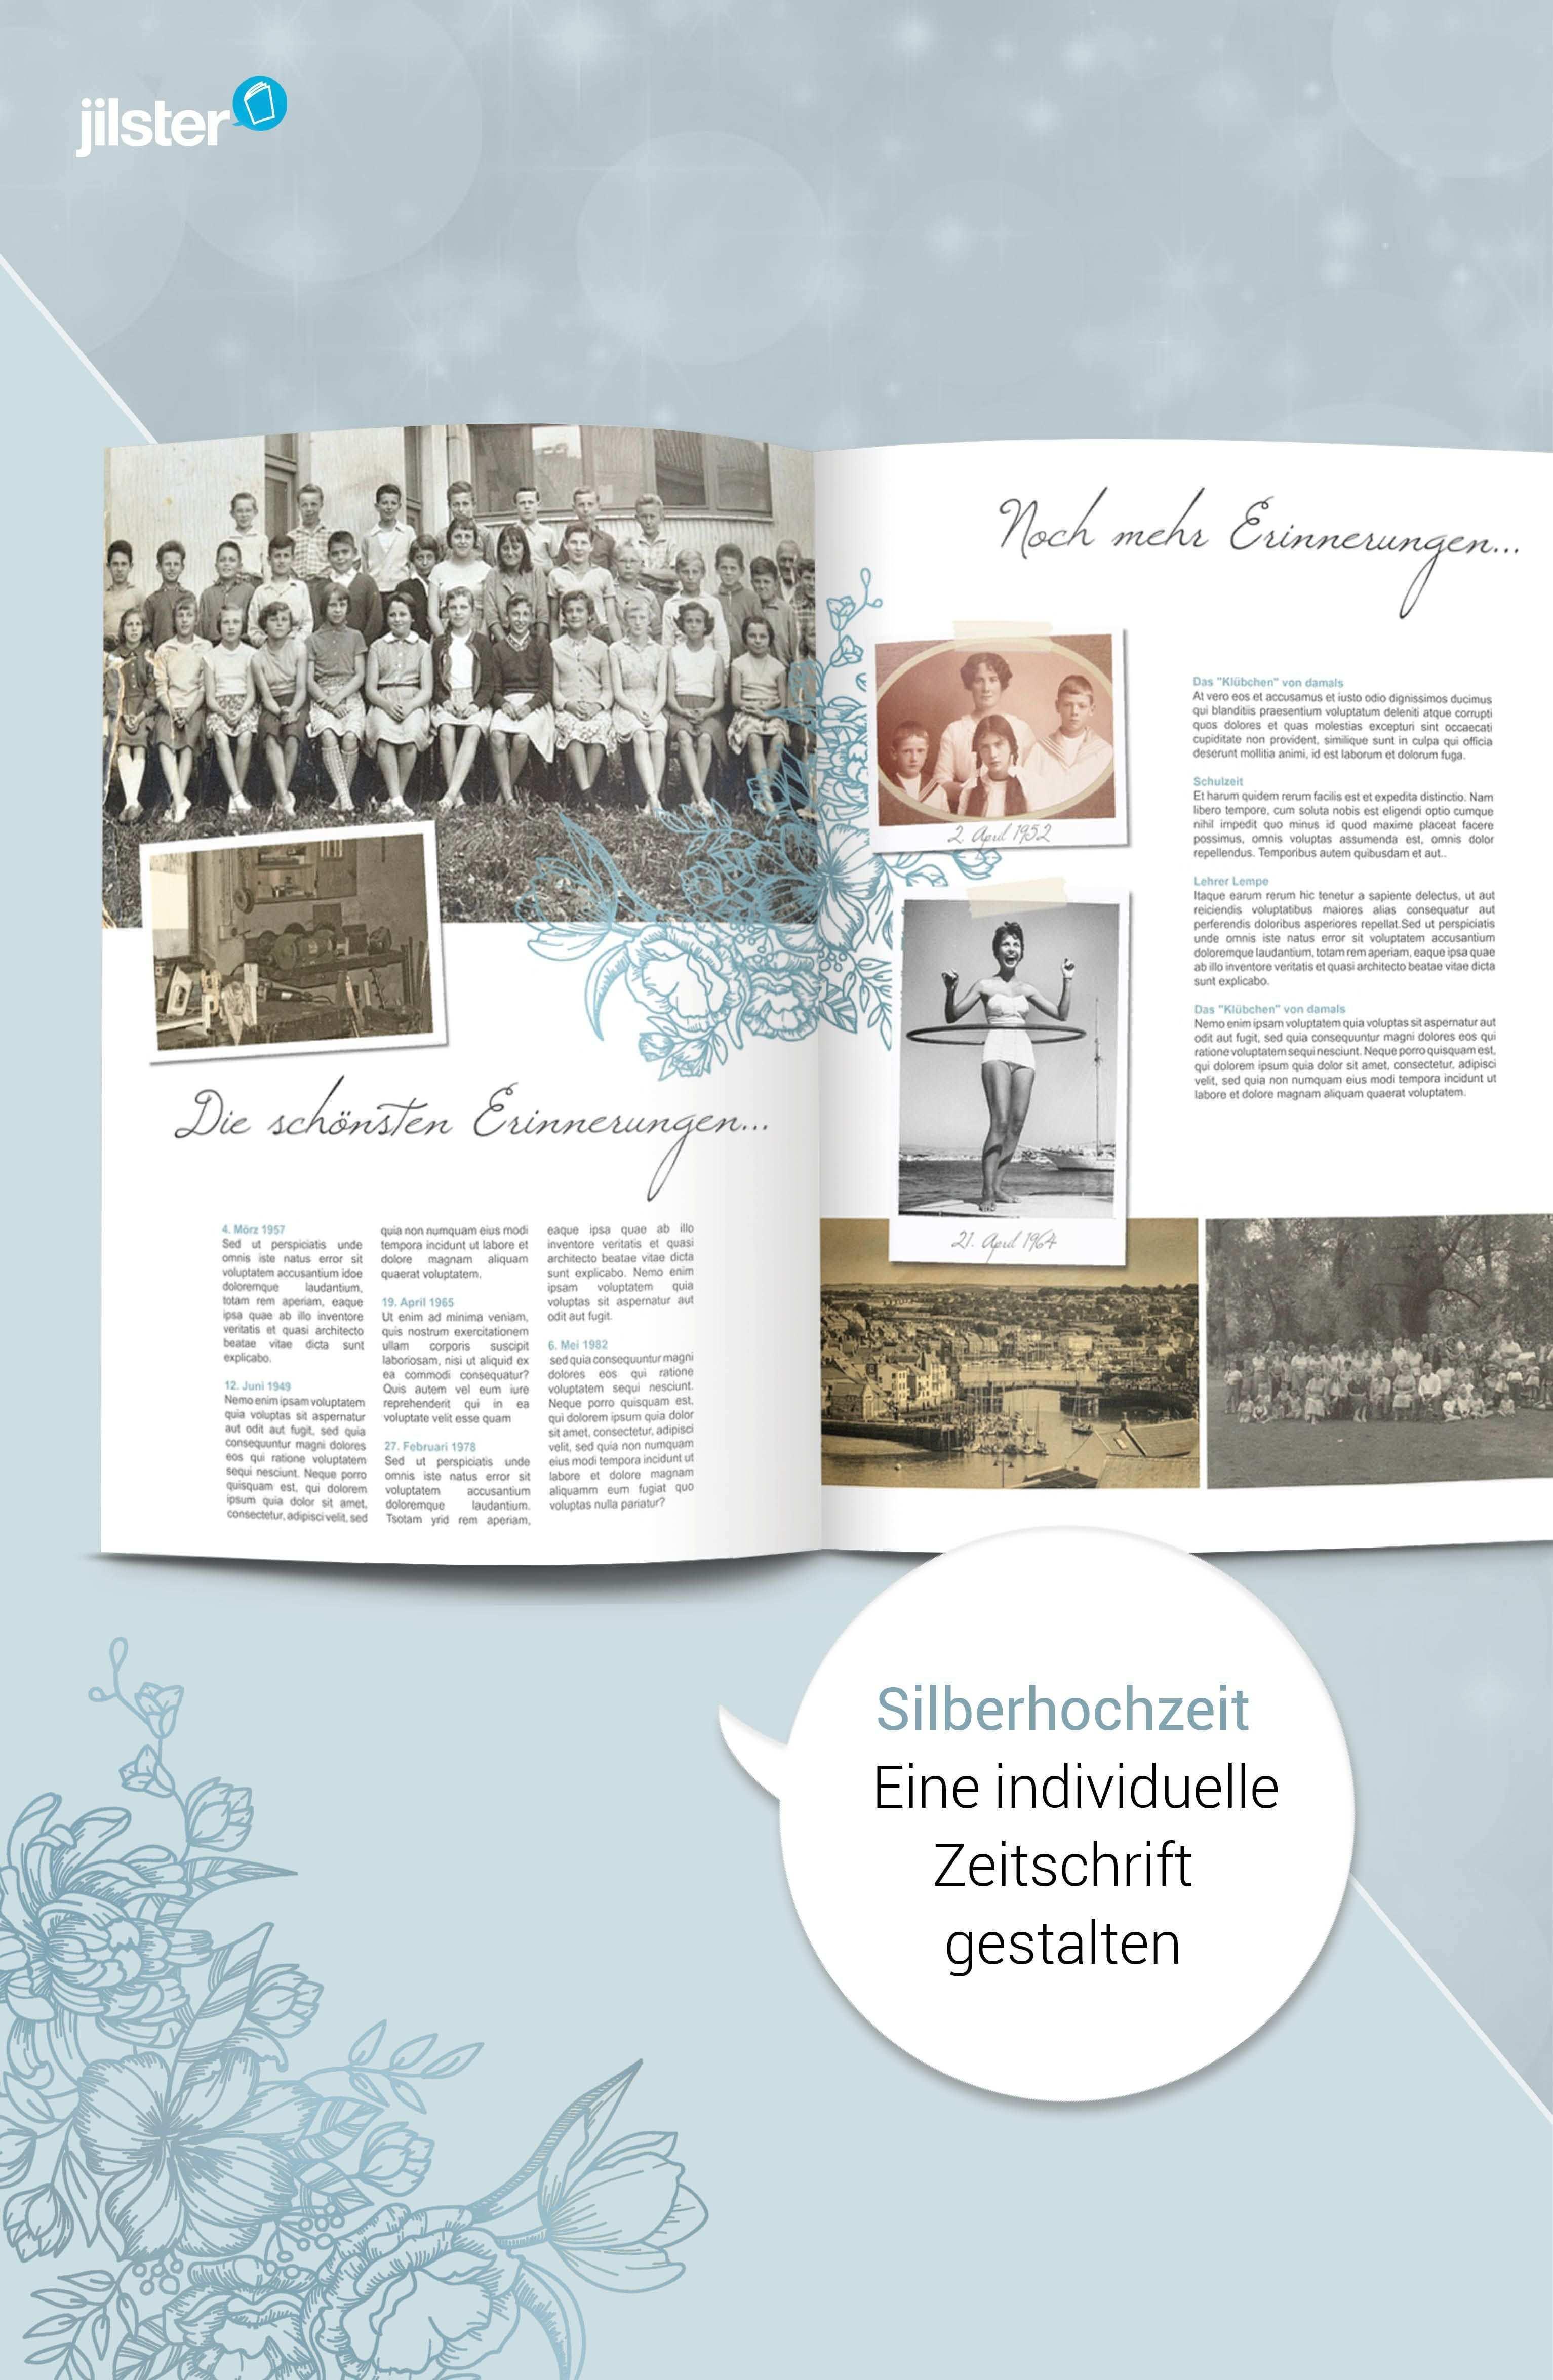 Silberhochzeit Zeitung Als Geschenk Gestalten Jilster Blog Silberhochzeit Hochzeitszeitung Gestalten Hochzeitszeitung